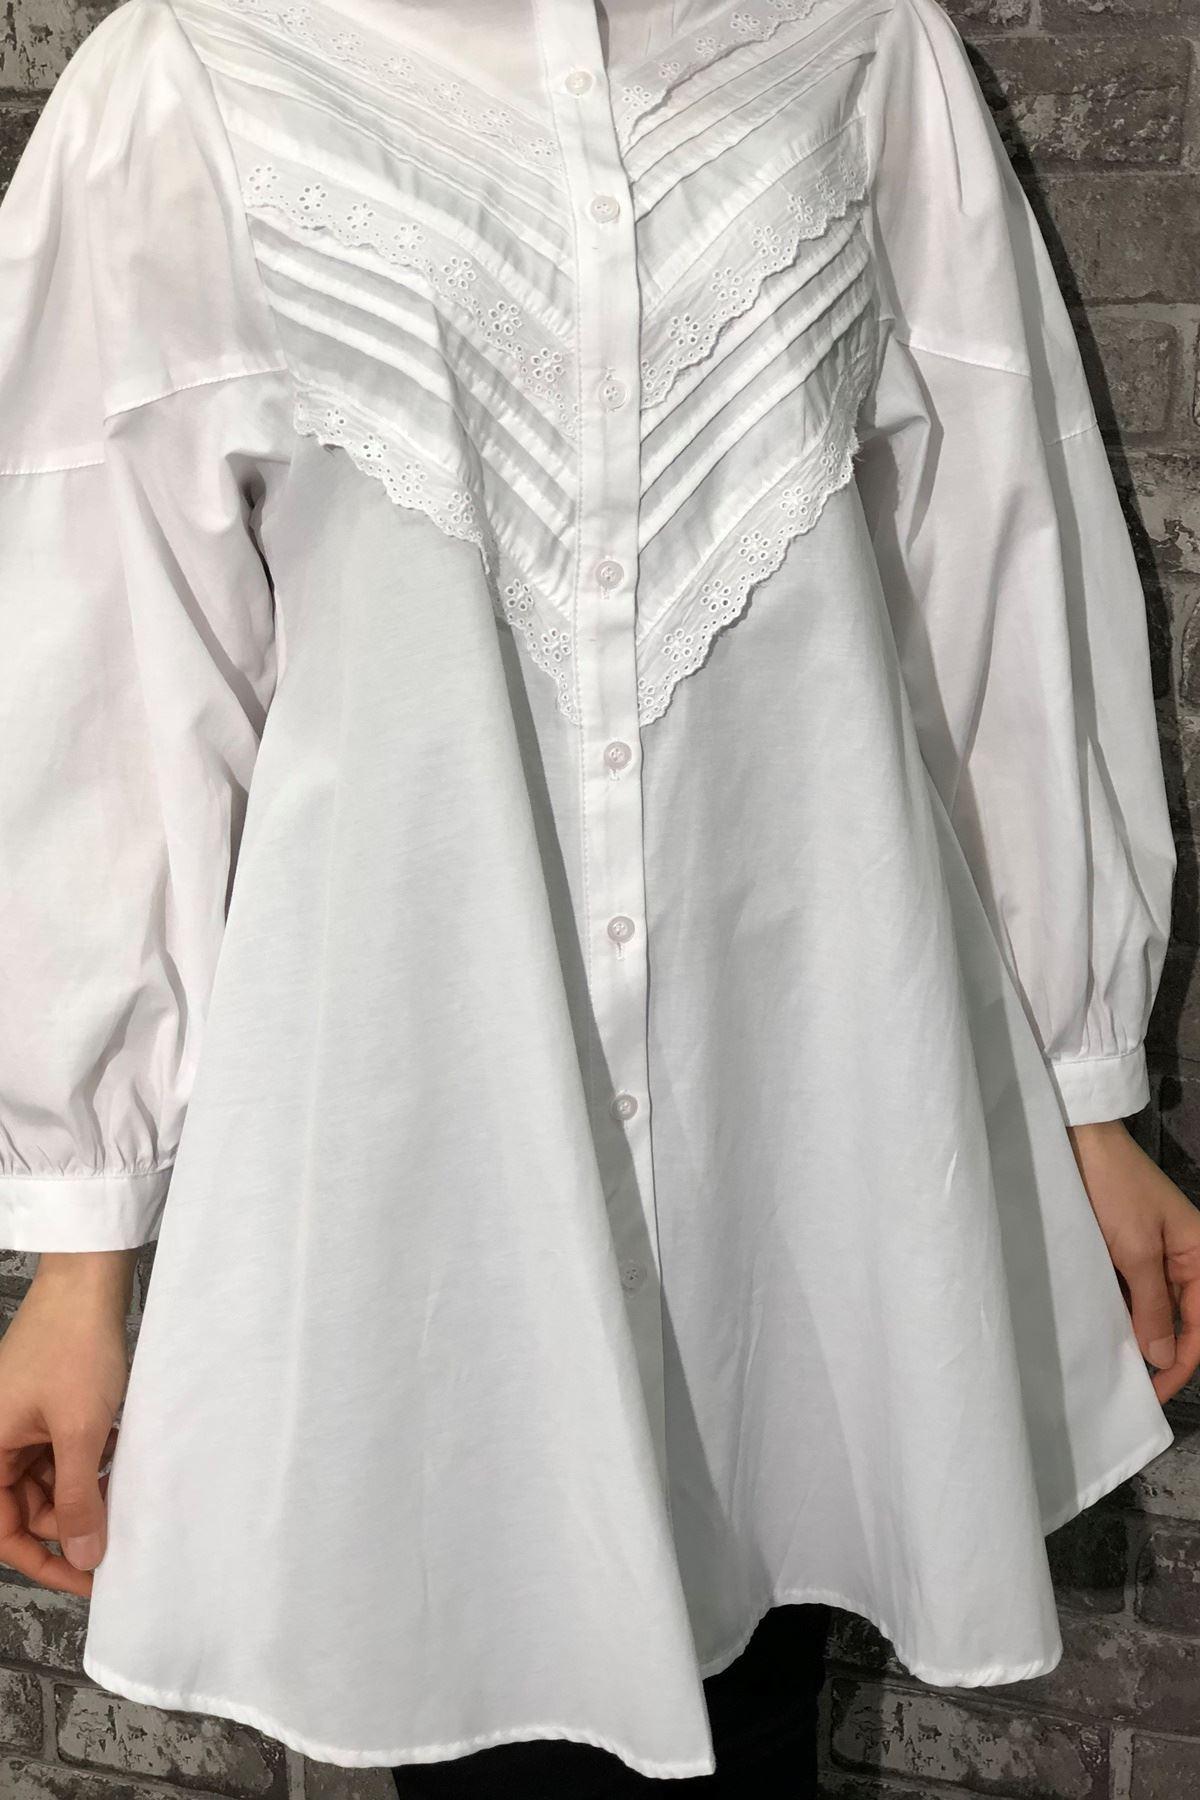 Balon Kol Dantel Detaylı Gömlek - Beyaz